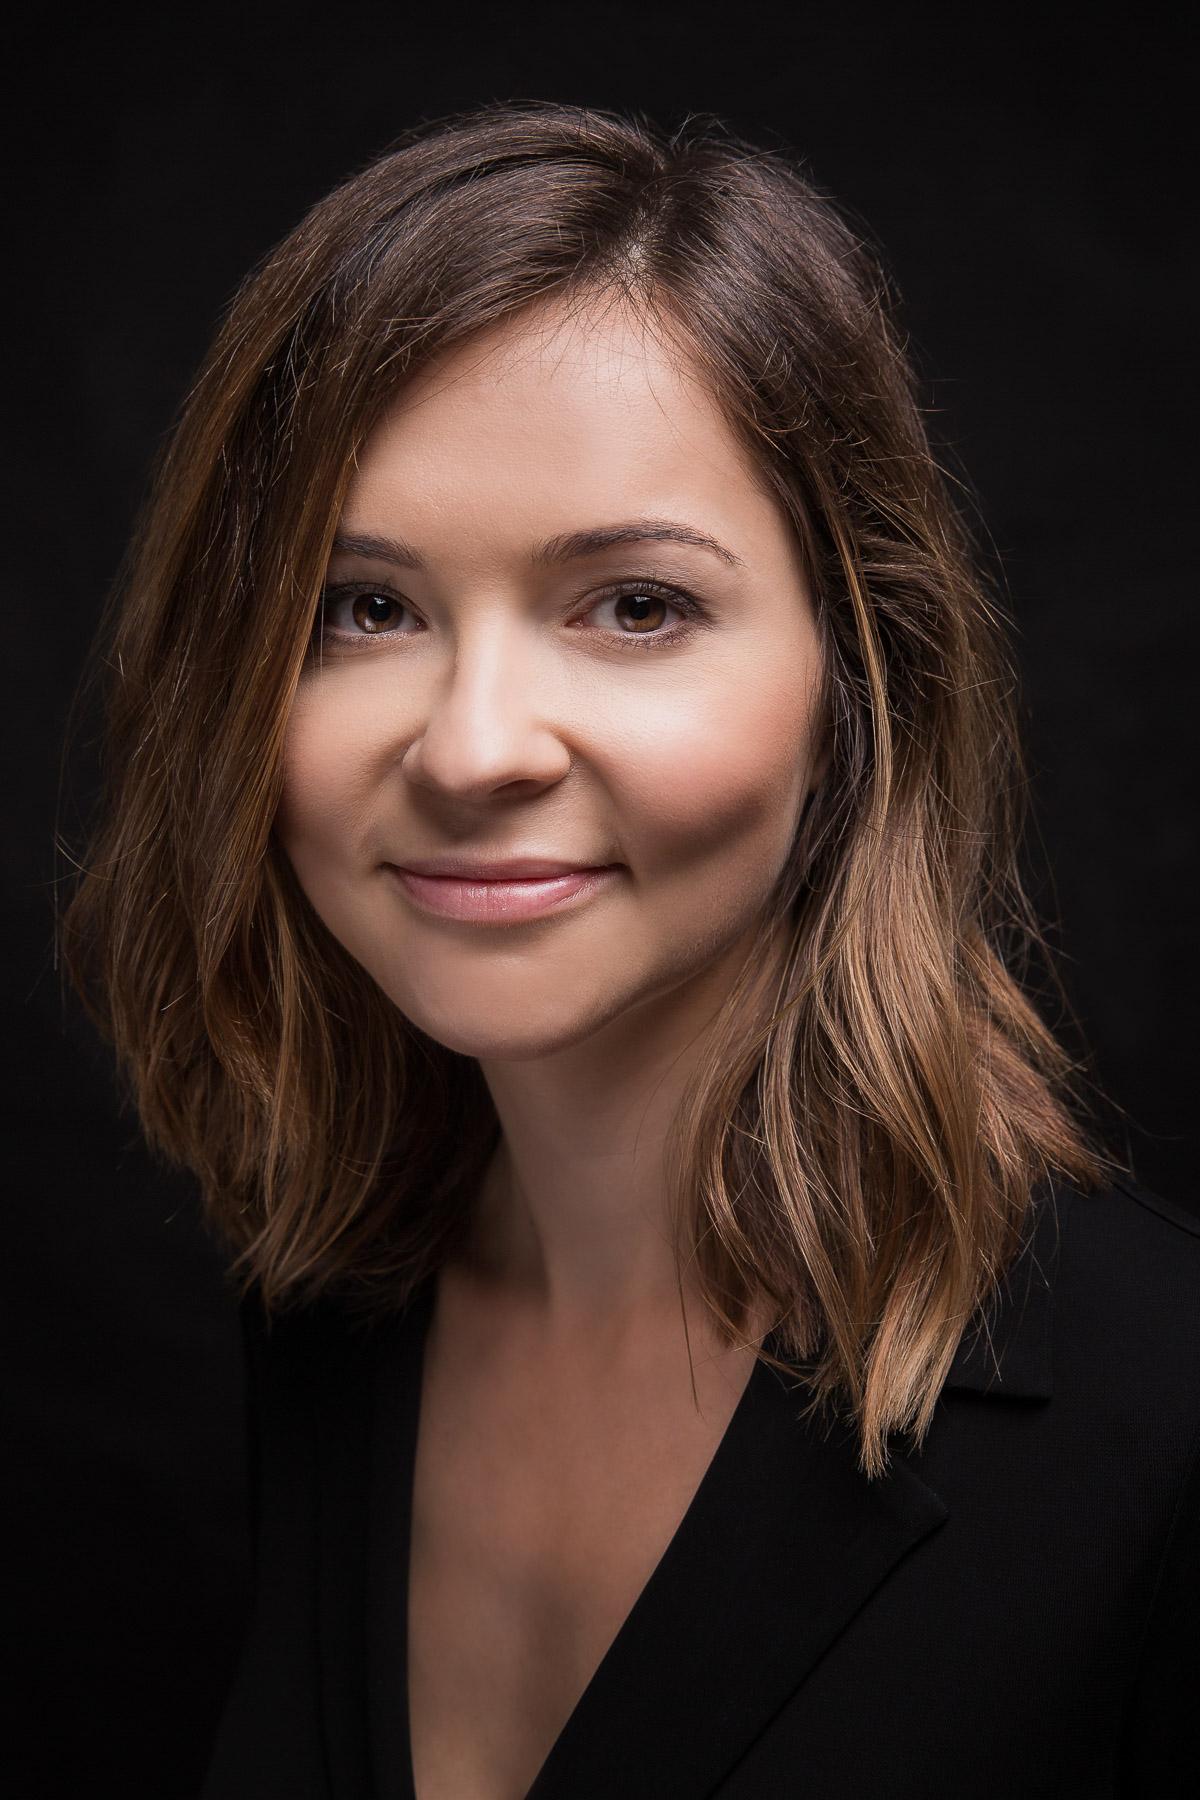 Matylda Jezierska zdjęcie portretowe